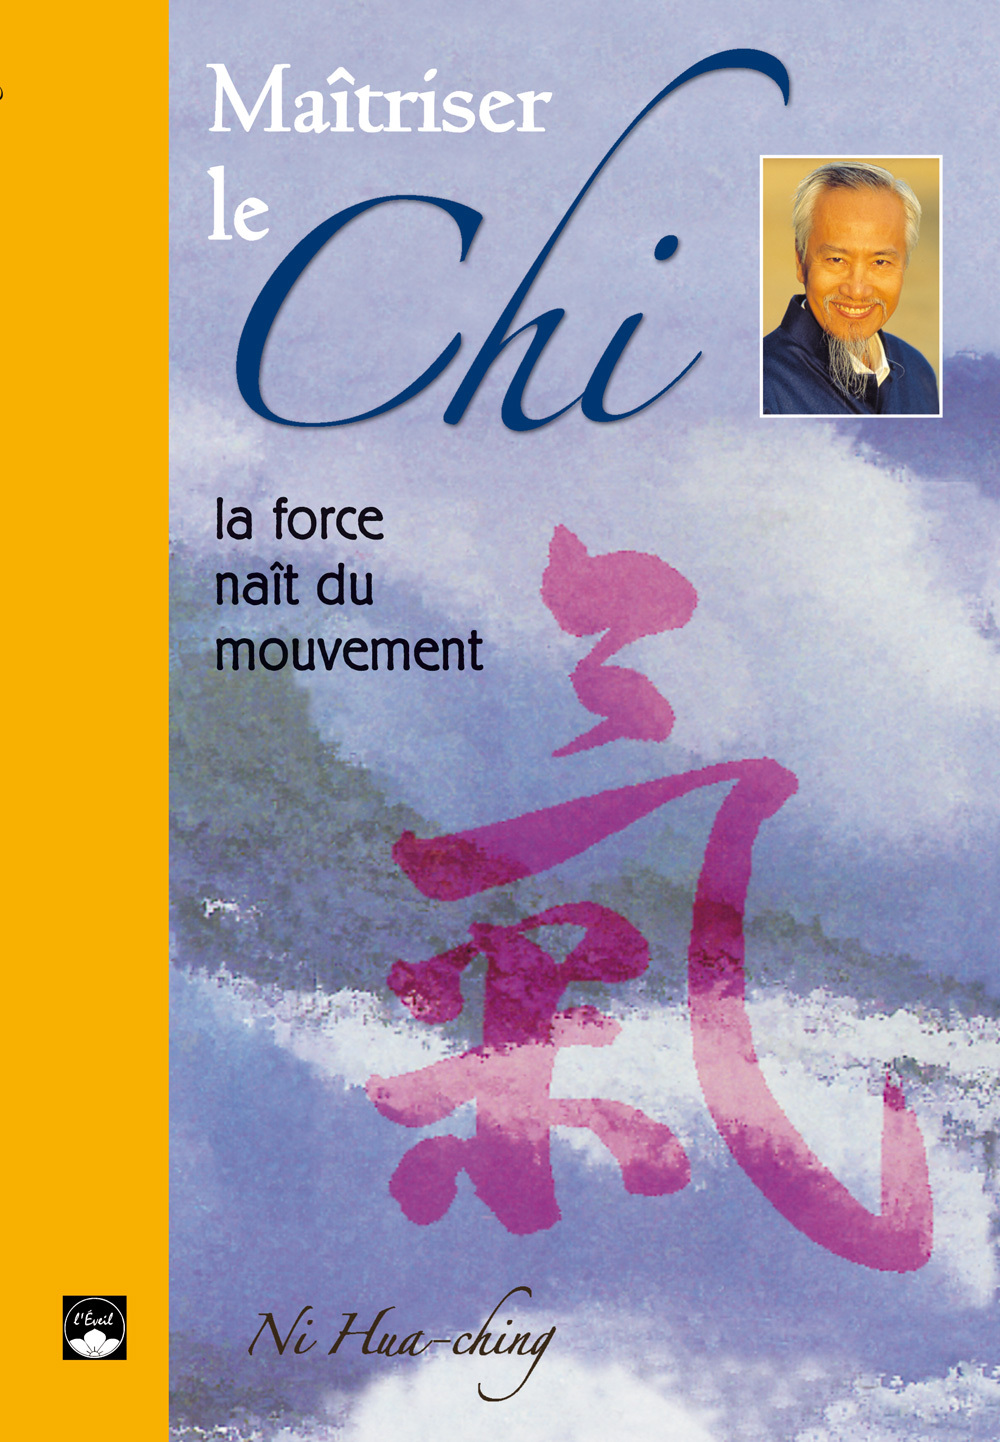 MAITRISER LE CHI - LA FORCE NAIT DU MOUVEMENT